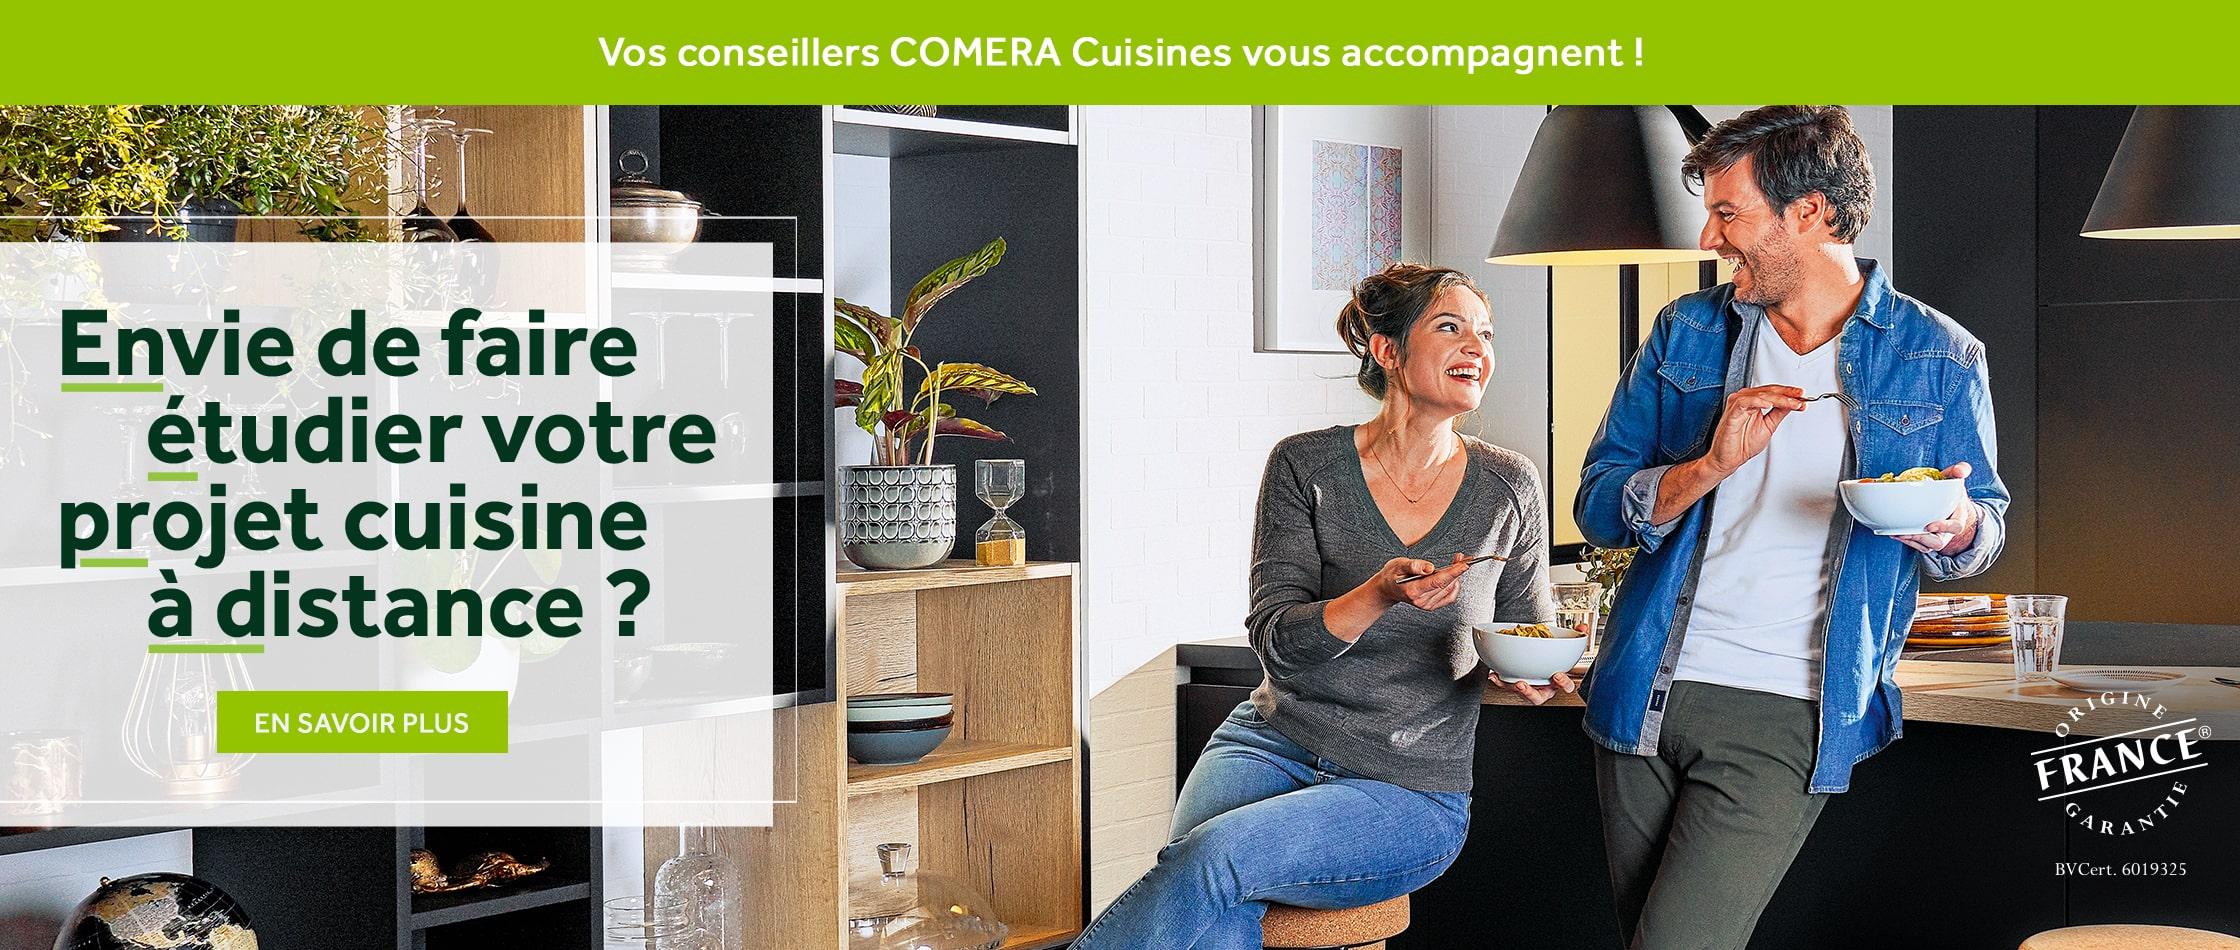 projet-cuisines-sur-mesure-distance-magasin-cuisines-amenagees